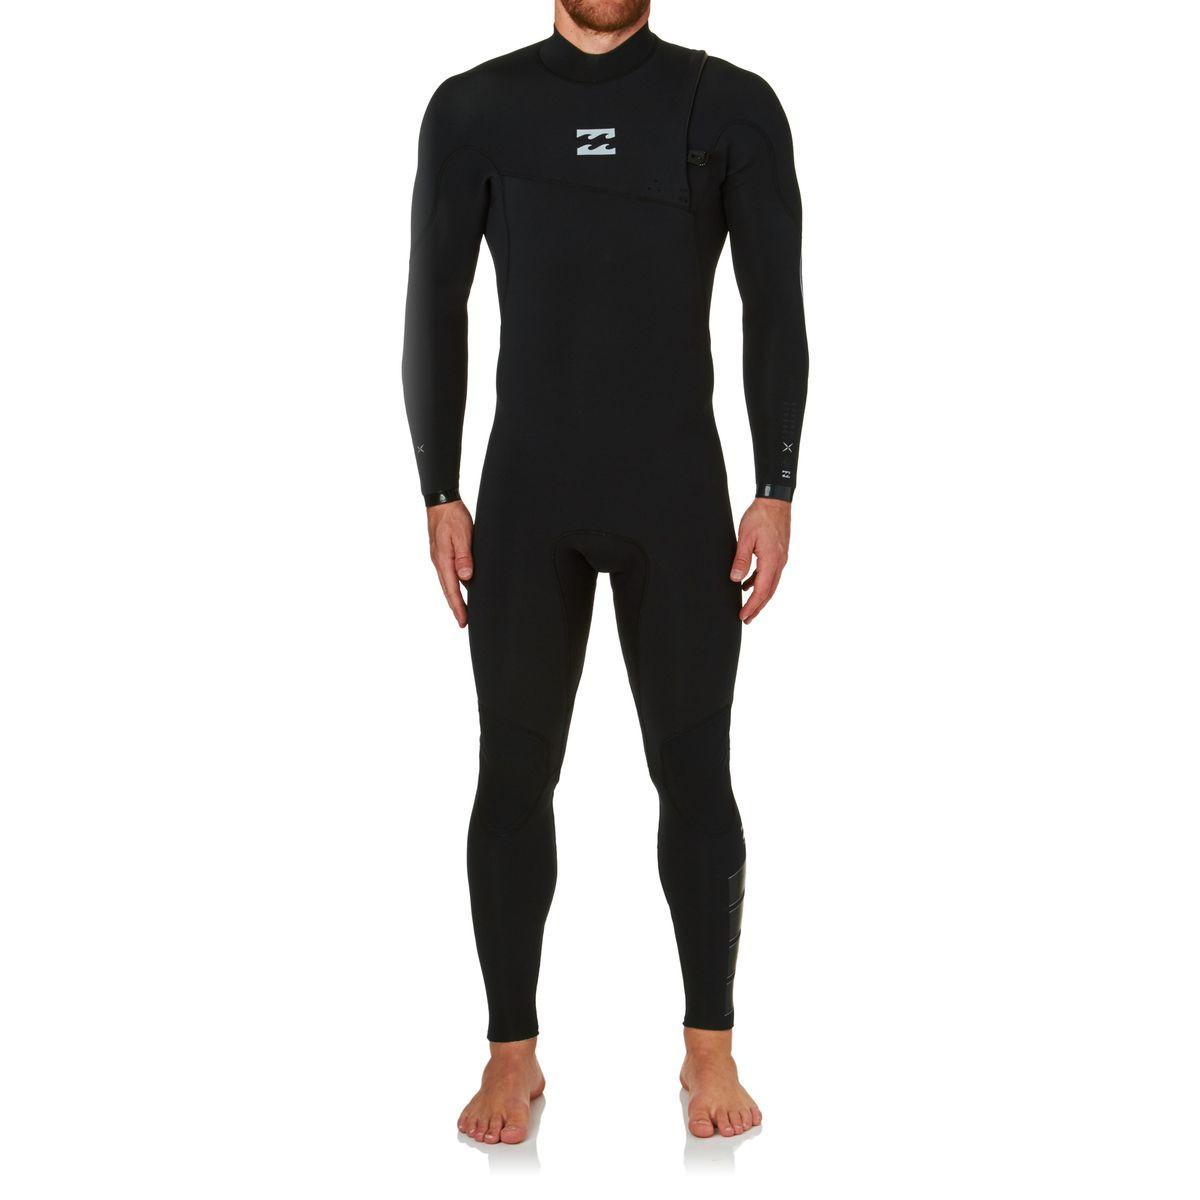 Billabong Furn Pro 4/3mm 2017 Zipperless Wetsuit - Black